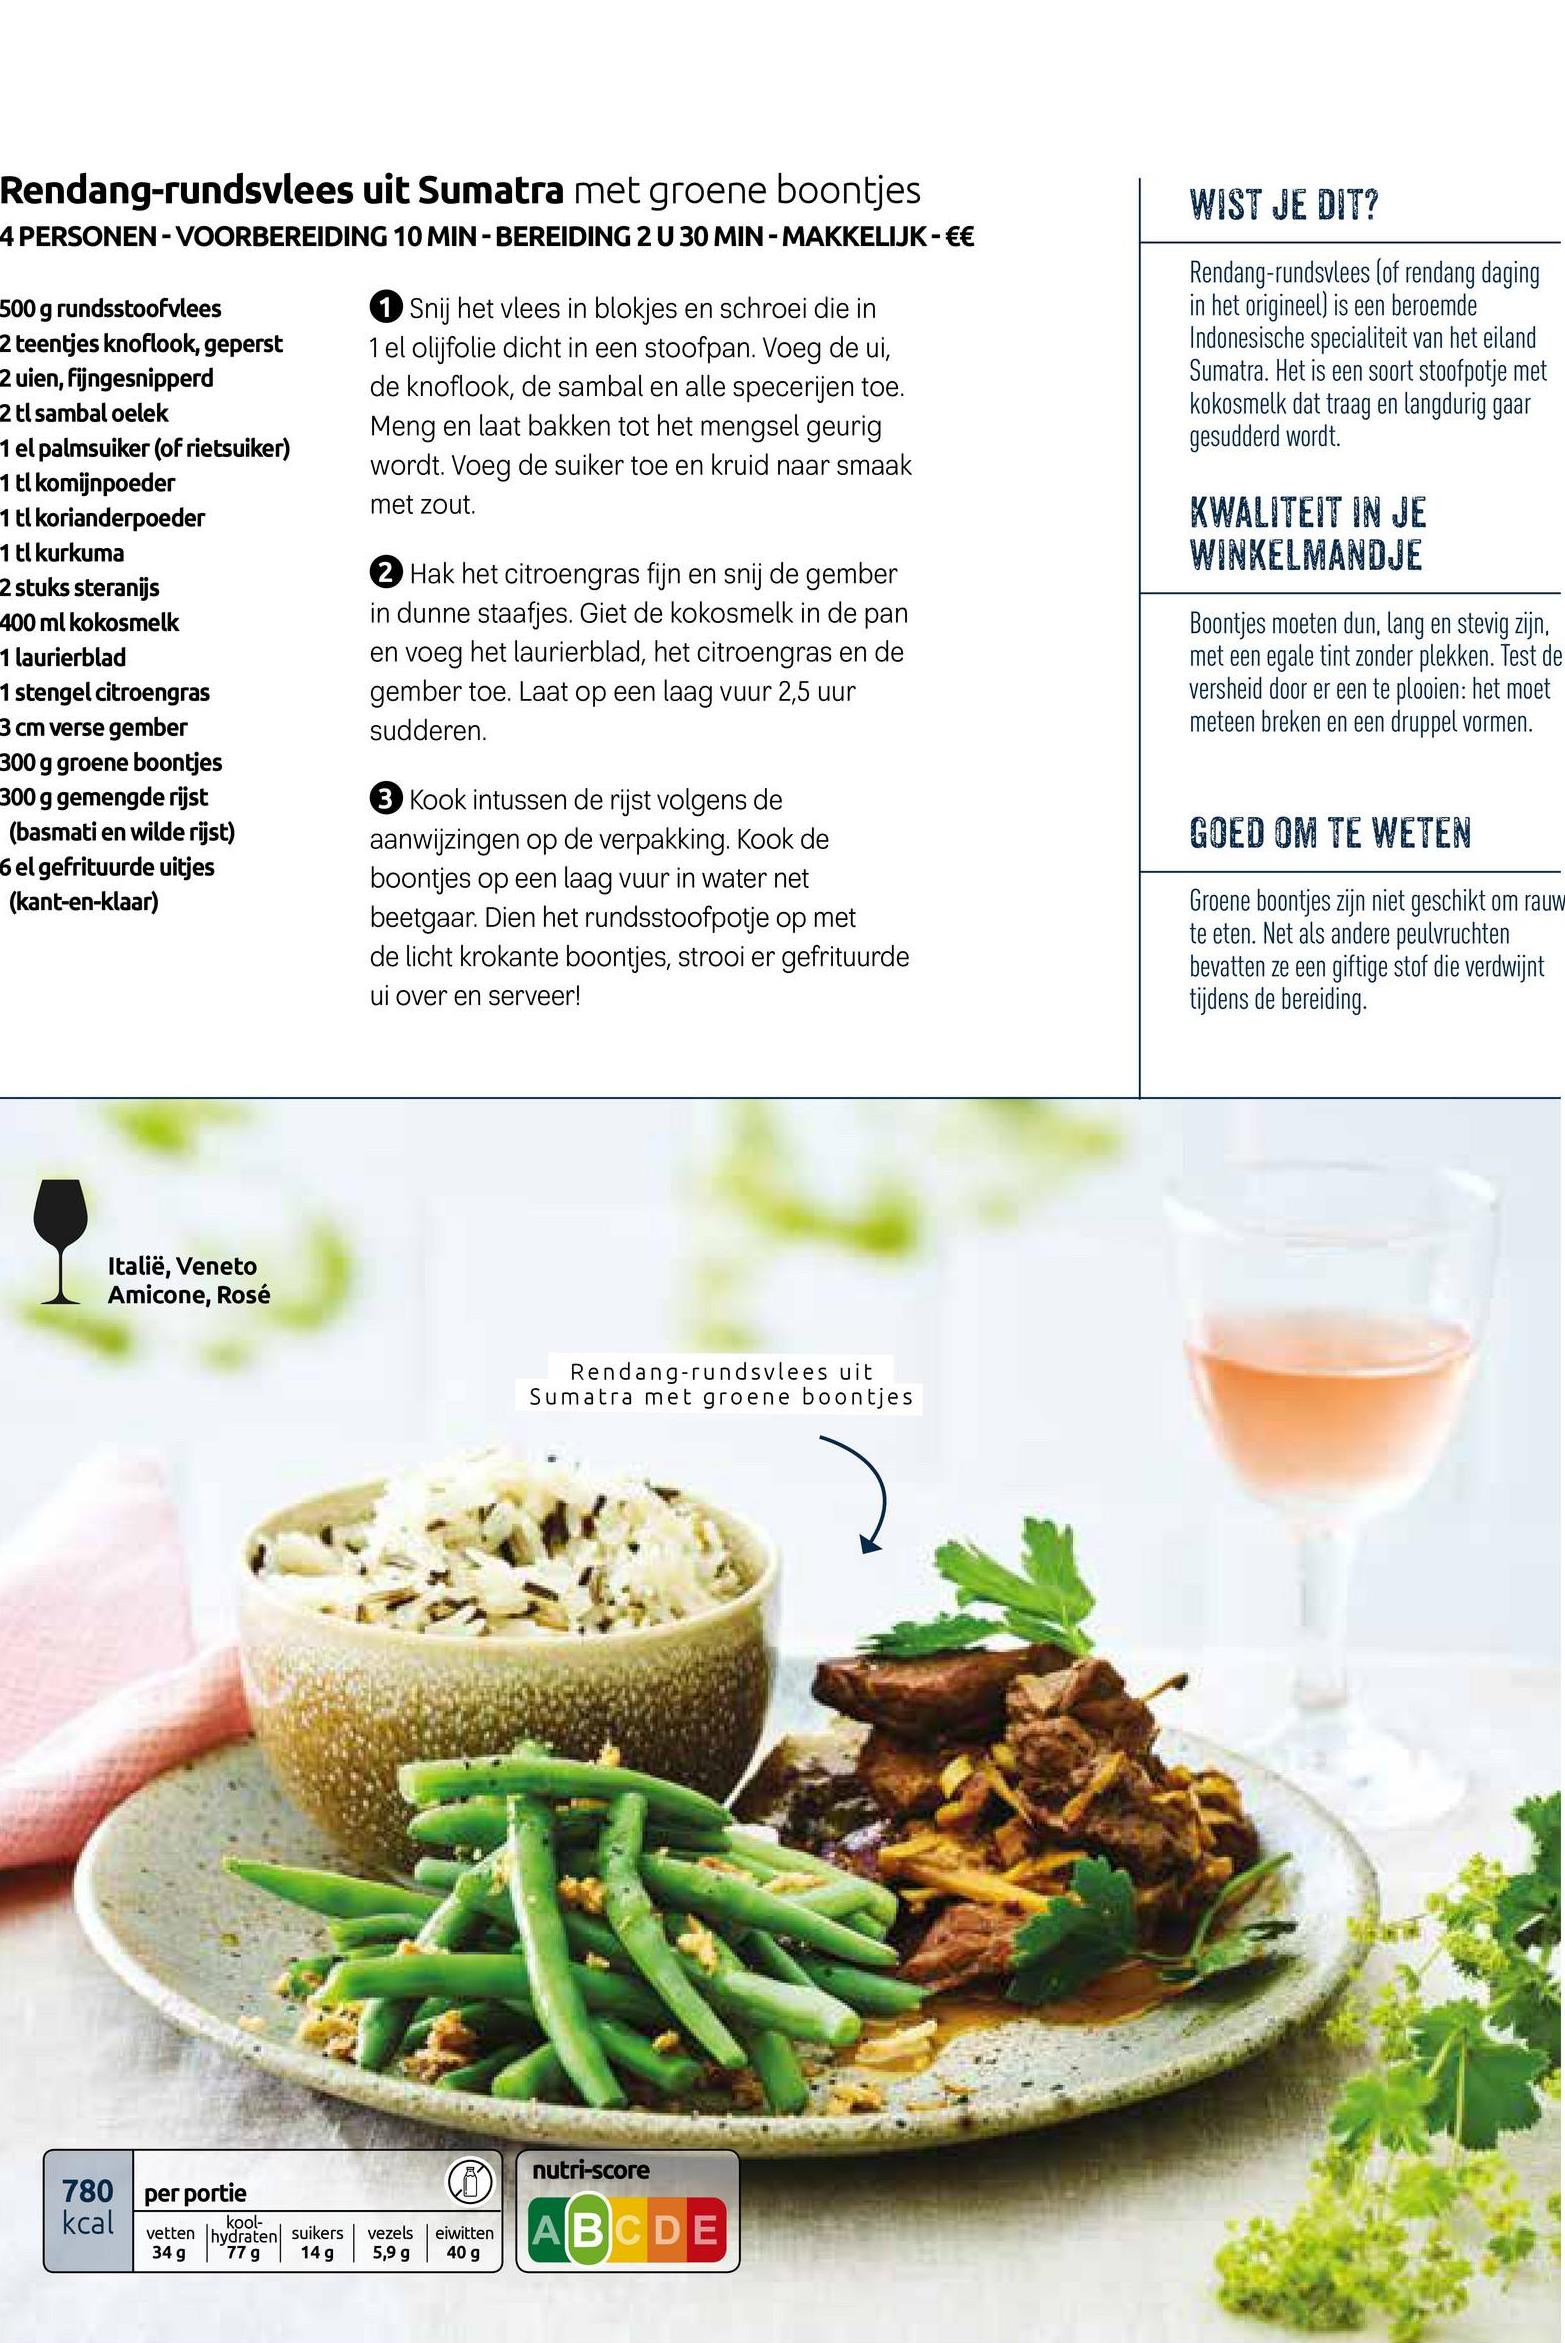 Rendang-rundsvlees uit Sumatra met groene boontjes 4 PERSONEN - VOORBEREIDING 10 MIN-BEREIDING 2 U 30 MIN-MAKKELIJK - €€ WIST JE DIT? Snij het vlees in blokjes en schroei die in 1 el olijfolie dicht in een stoofpan. Voeg de ui, de knoflook, de sambal en alle specerijen toe. Meng en laat bakken tot het mengsel geurig wordt. Voeg de suiker toe en kruid naar smaak met zout. Rendang-rundsvlees (of rendang daging in het origineel) is een beroemde Indonesische specialiteit van het eiland Sumatra. Het is een soort stoofpotje met kokosmelk dat traag en langdurig gaar gesudderd wordt. KWALITEIT IN JE WINKELMANDJE 500 g rundsstoofvlees 2 teentjes knoflook, geperst 2 uien, fijngesnipperd 2 tl sambal oelek 1 el palmsuiker (of rietsuiker) 1 tl komijnpoeder 1 tl korianderpoeder 1 tl kurkuma 2 stuks steranijs 400 ml kokosmelk 1 laurierblad 1 stengel citroengras 3 cm verse gember 300 g groene boontjes 300 g gemengde rijst (basmati en wilde rijst) el gefrituurde uitjes (kant-en-klaar) 2 Hak het citroengras fijn en snij de gember in dunne staafjes. Giet de kokosmelk in de pan en voeg het laurierblad, het citroengras en de gember toe. Laat op een laag vuur 2,5 uur sudderen. Boontjes moeten dun, lang en stevig zijn. met een egale tint zonder plekken. Test de versheid door er een te plooien: het moet meteen breken en een druppel vormen. GOED OM TE WETEN 3 Kook intussen de rijst volgens de aanwijzingen op de verpakking. Kook de boontjes op een laag vuur in water net beetgaar. Dien het rundsstoofpotje op met de licht krokante boontjes, strooi er gefrituurde ui over en serveer! Groene boontjes zijn niet geschikt om rauw te eten. Net als andere peulvruchten bevatten ze een giftige stof die verdwijnt tijdens de bereiding. Italië, Veneto Amicone, Rosé Rendang-rundsvlees uit Sumatra met groene boontjes nutri-score per portie 780 kcal kool vetten hydraten, suikers | vezels eiwitten 34 g 77 g 14g 5,9 g 40 g